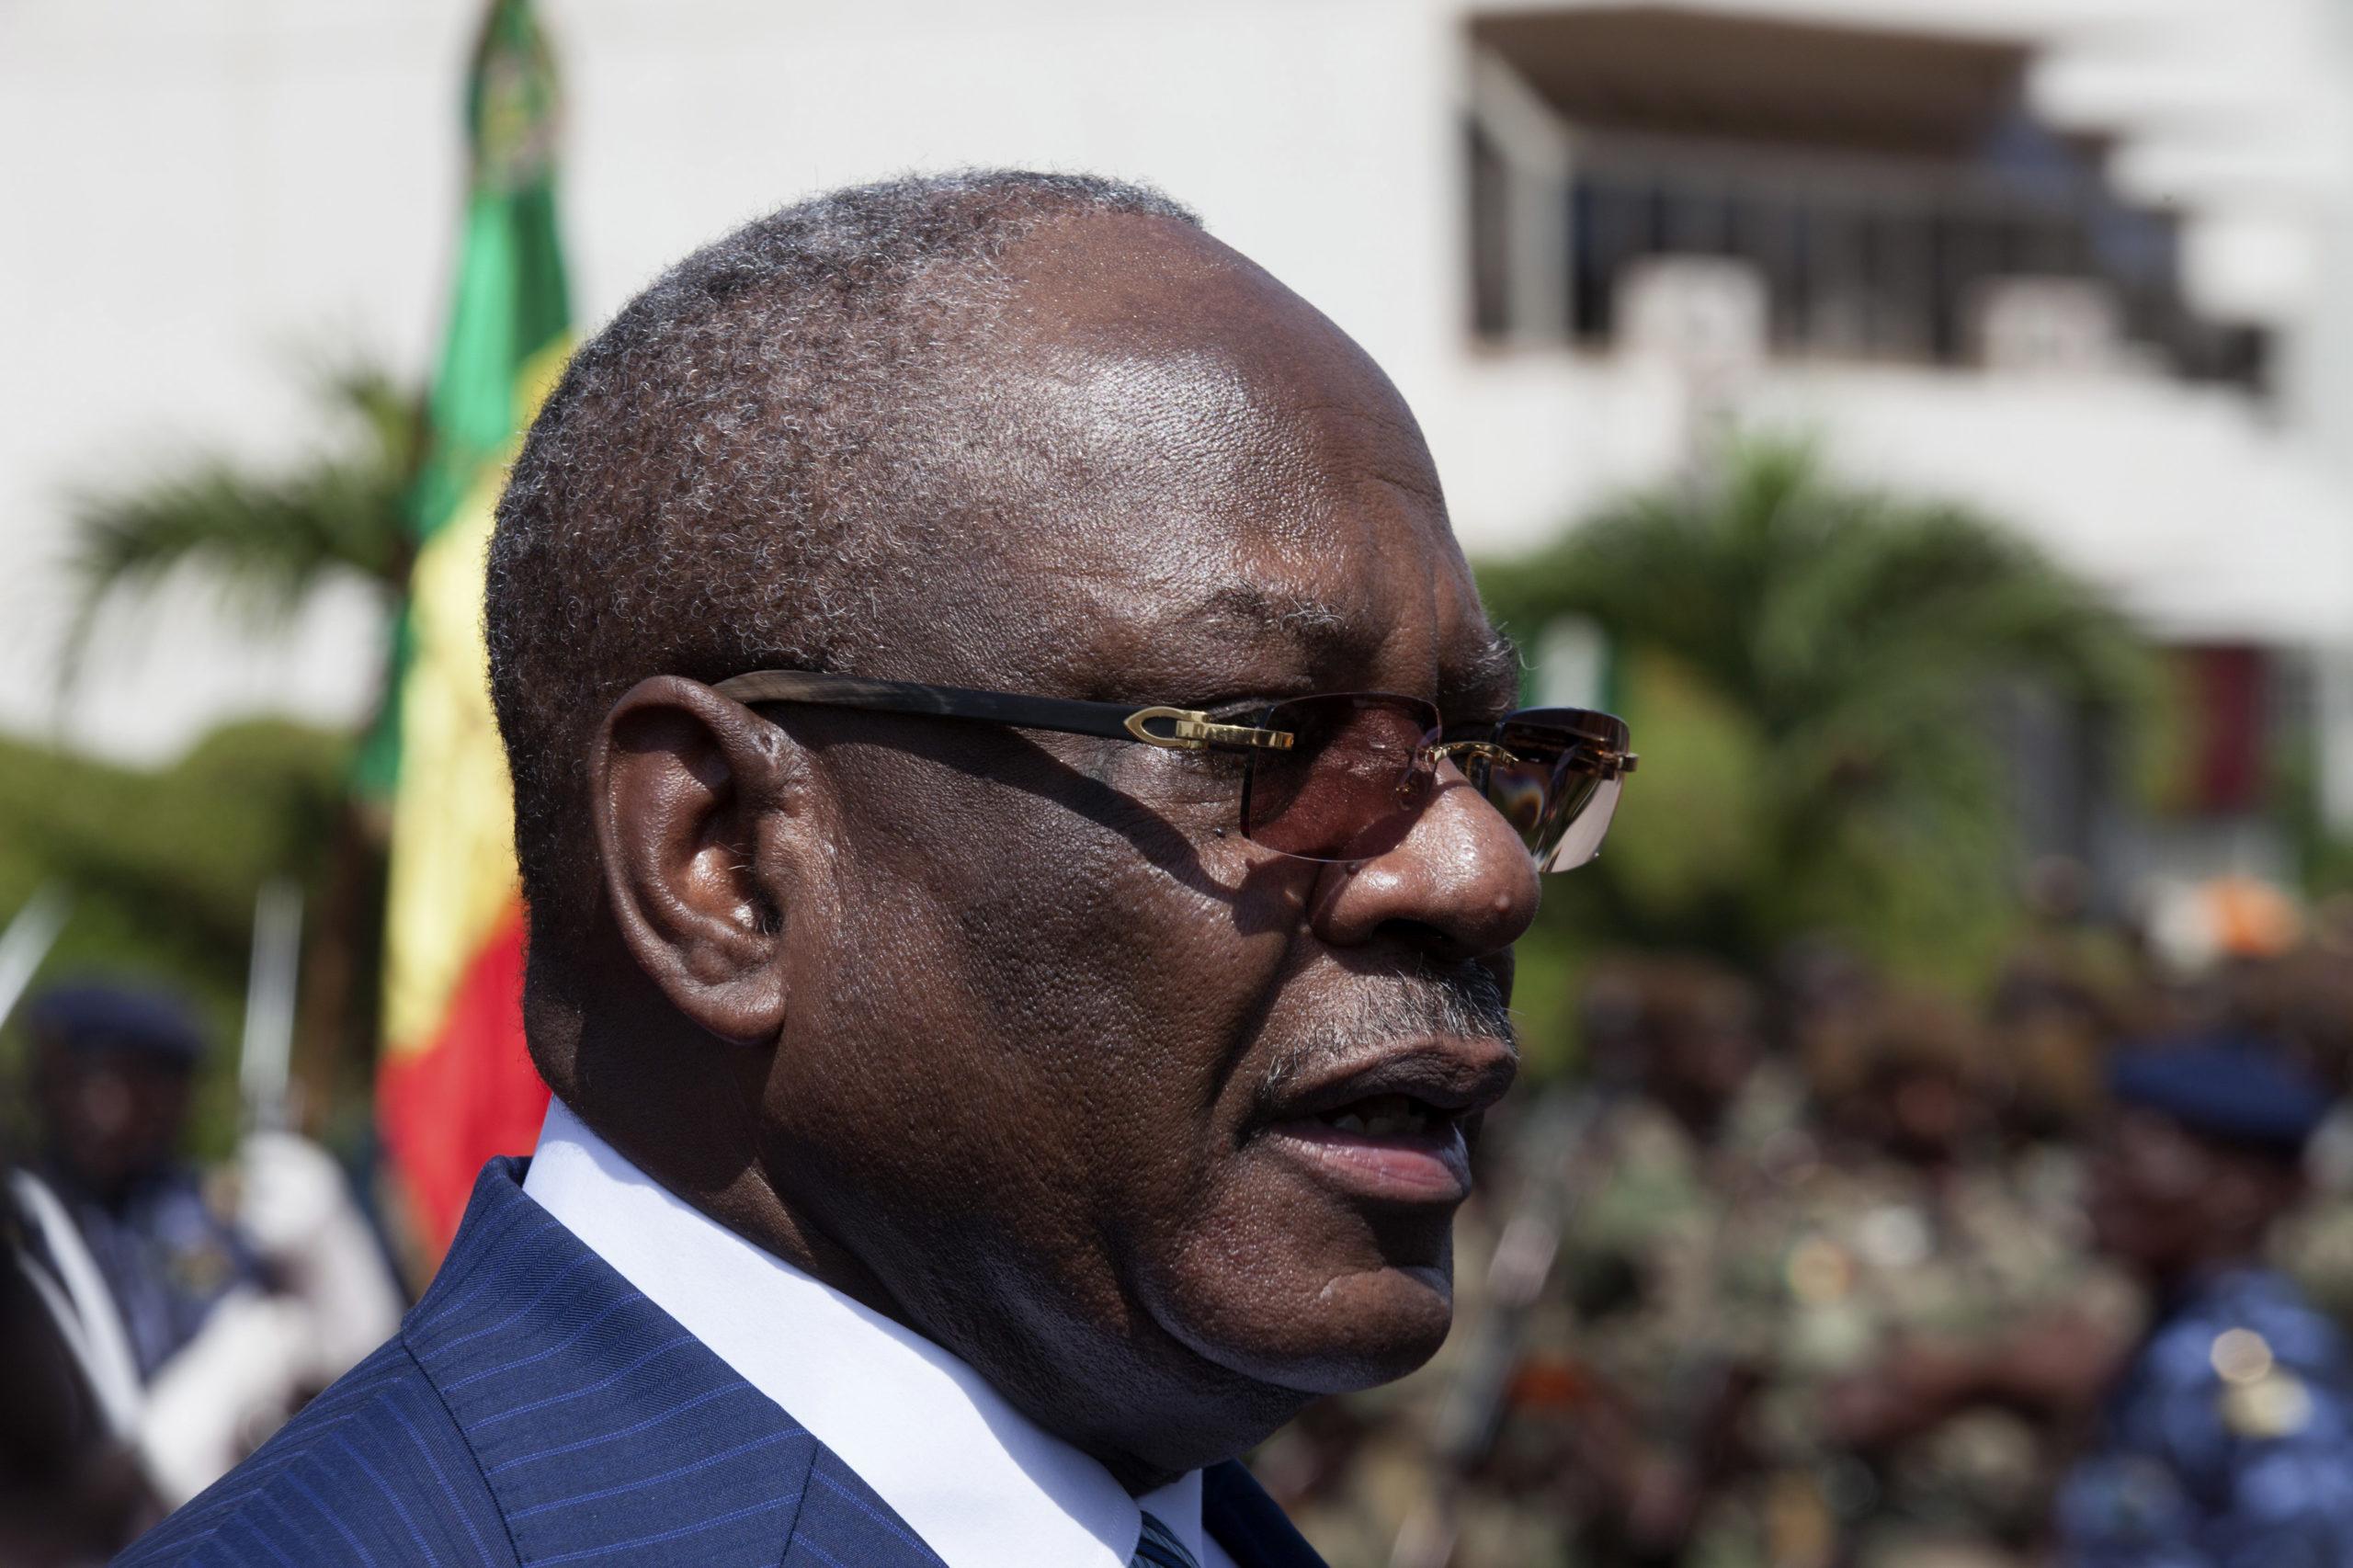 Le président malien Ibrahim Boubacar Keita démissionne